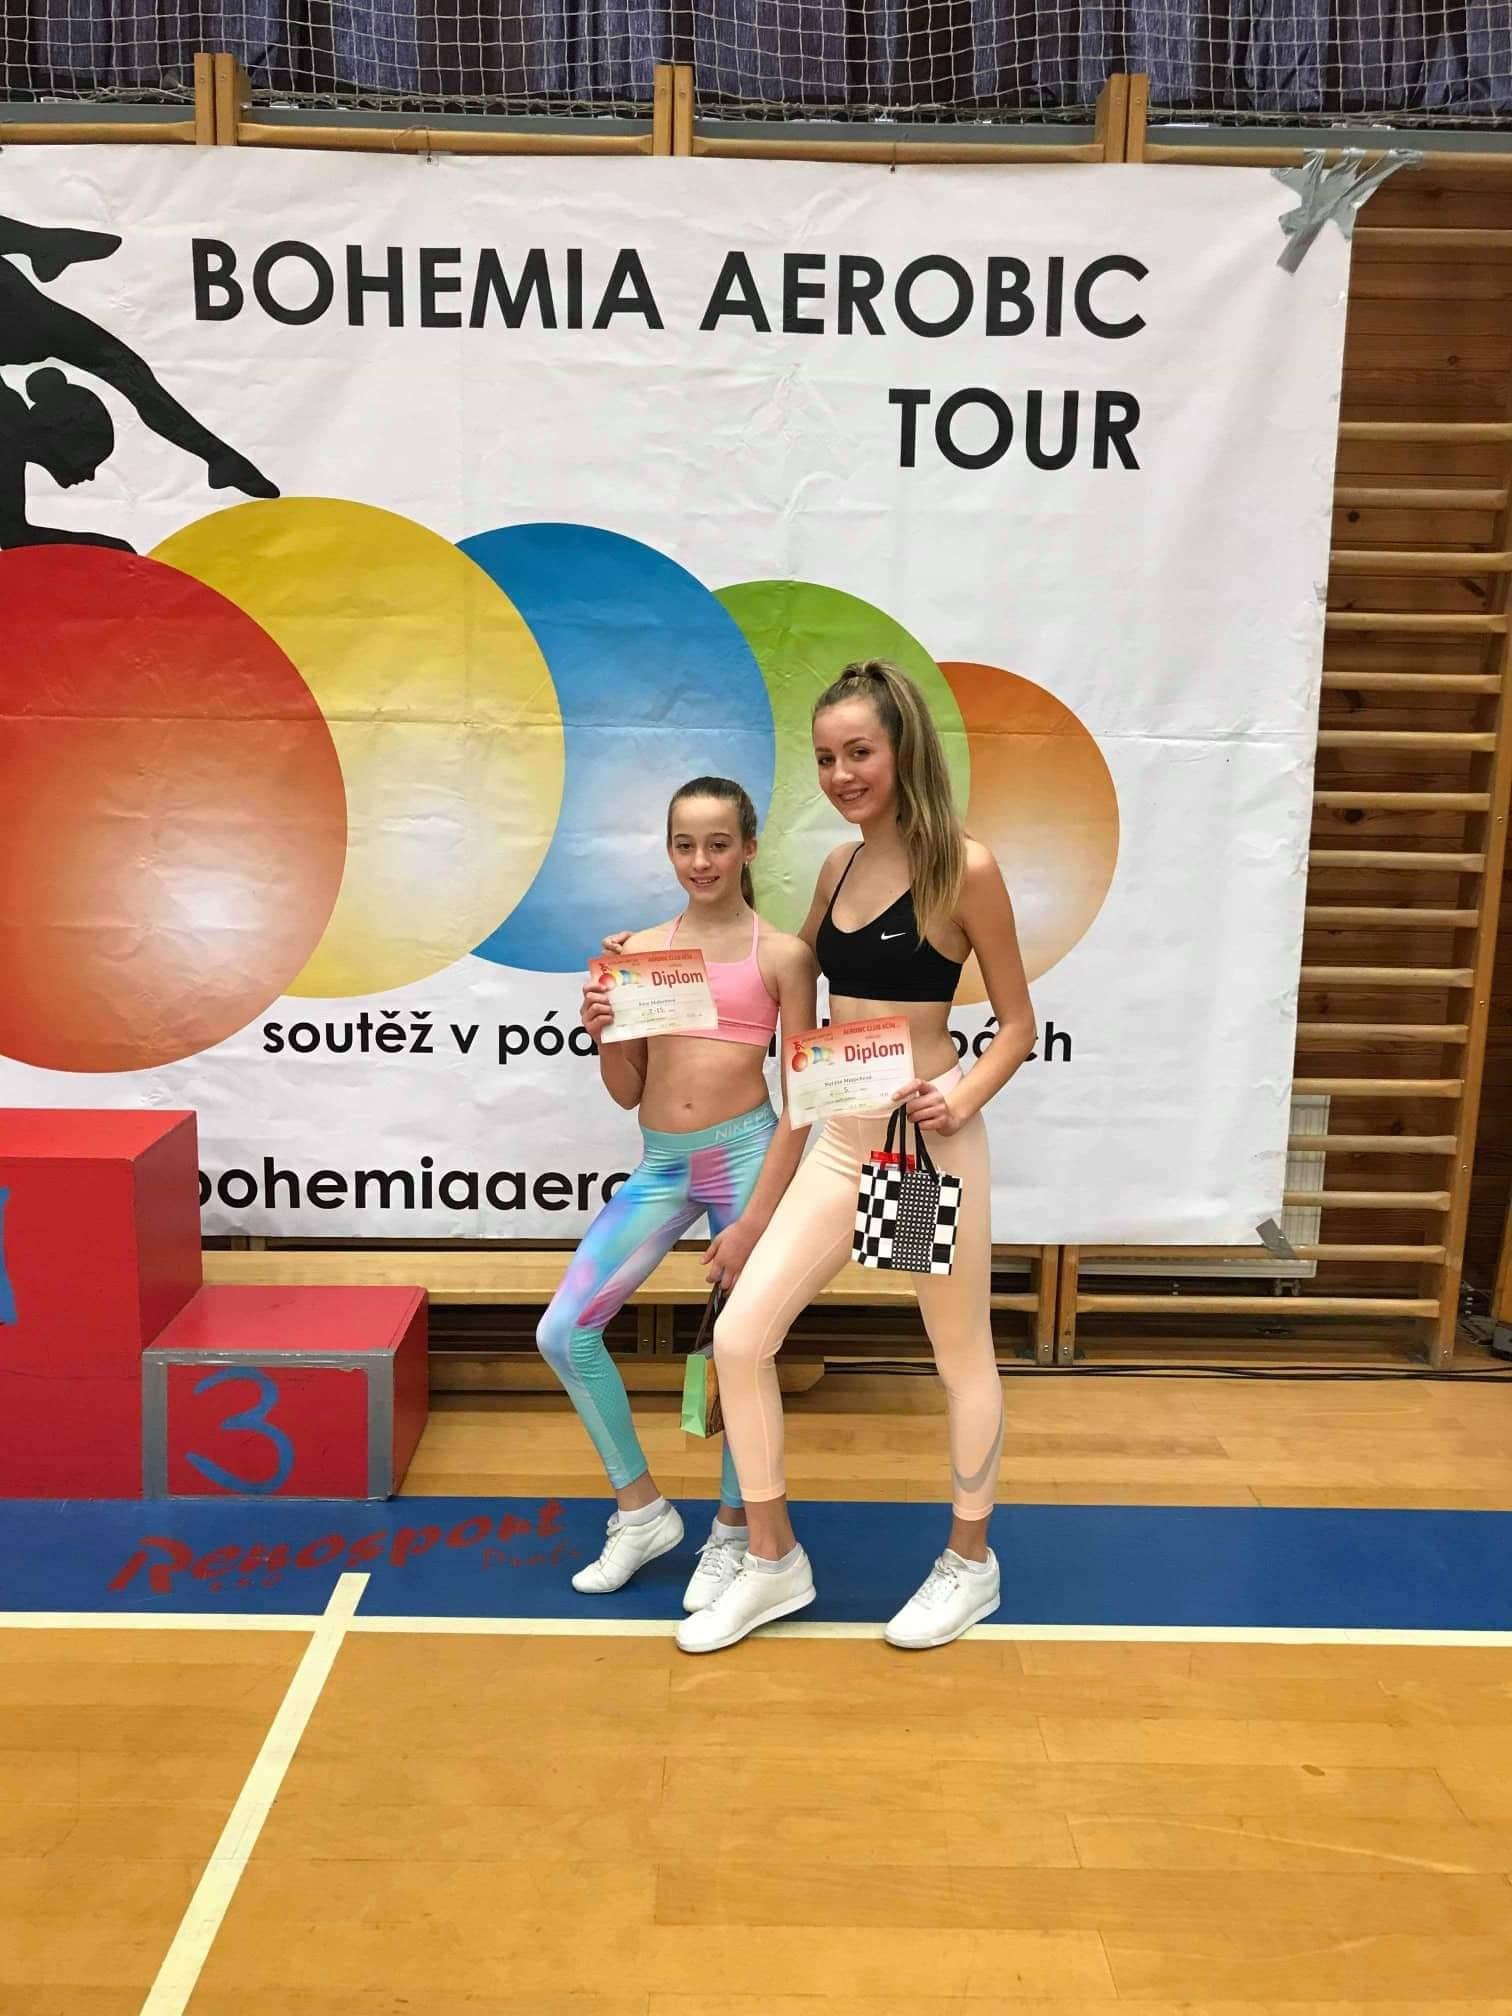 Šumperský aerobic boduje! zdroj foto: oddíl